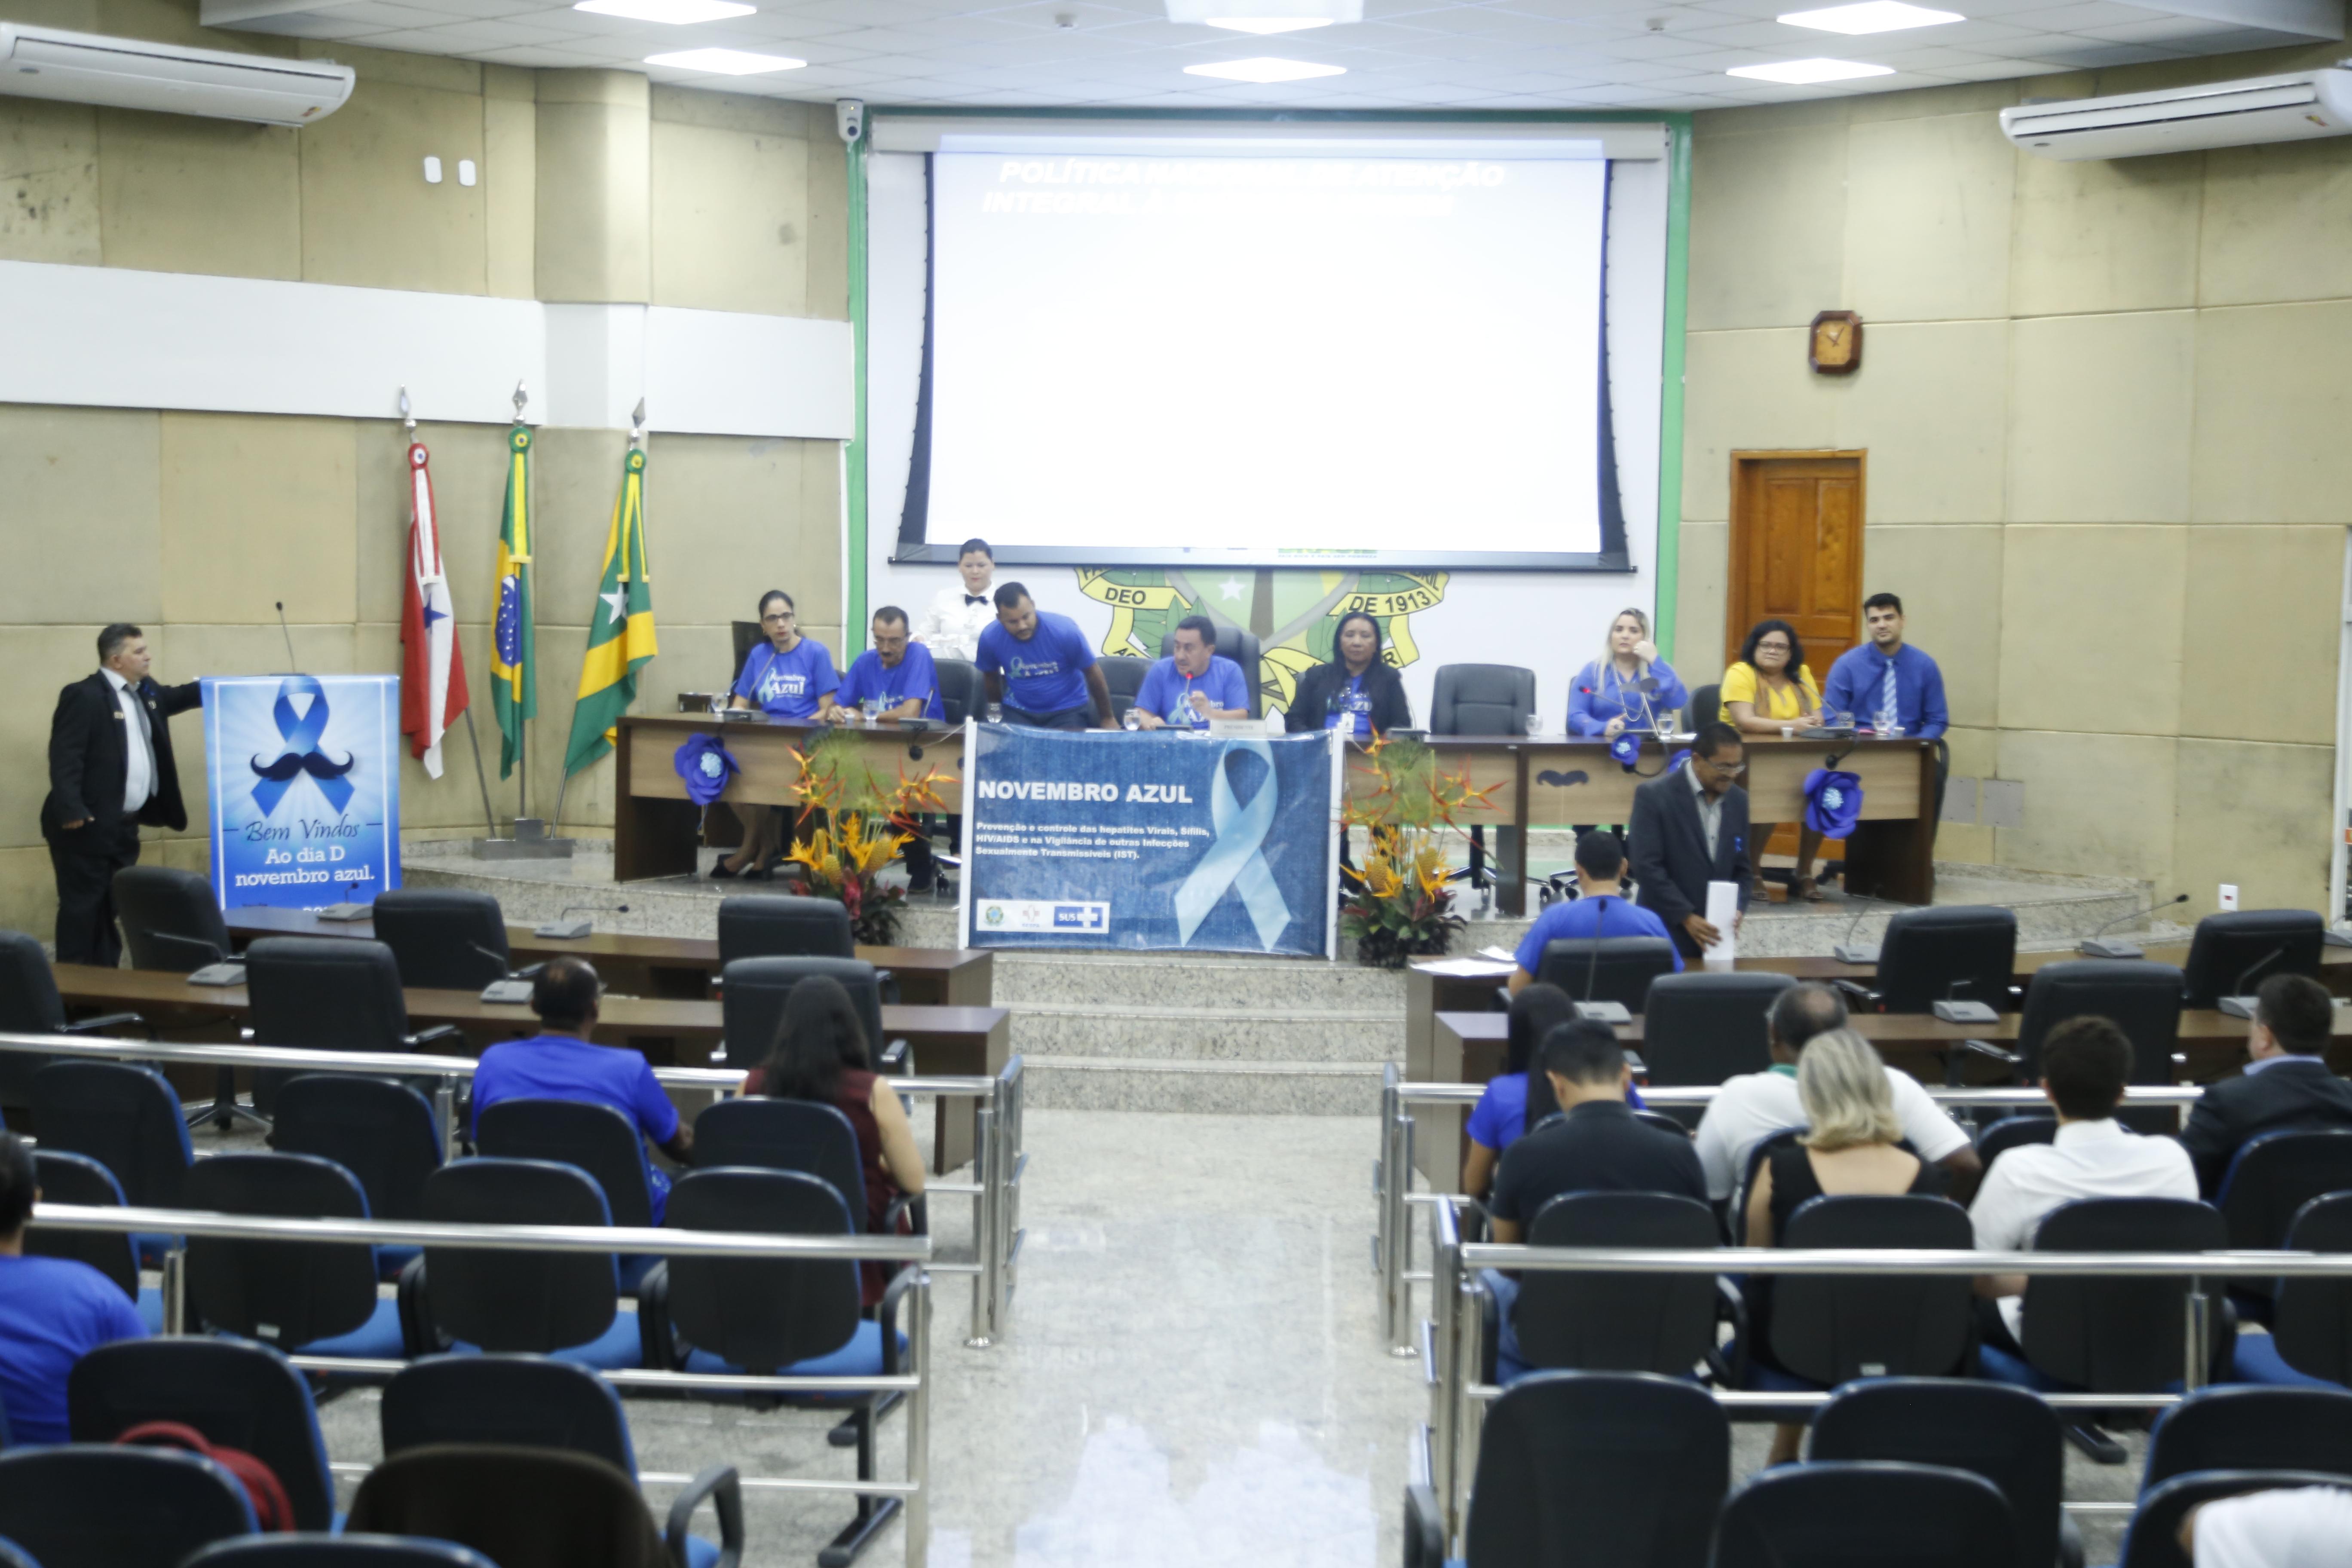 Novembro Azul: Secretaria de Saúde realiza cerca de 5 mil atendimentos durante o mês em Marabá